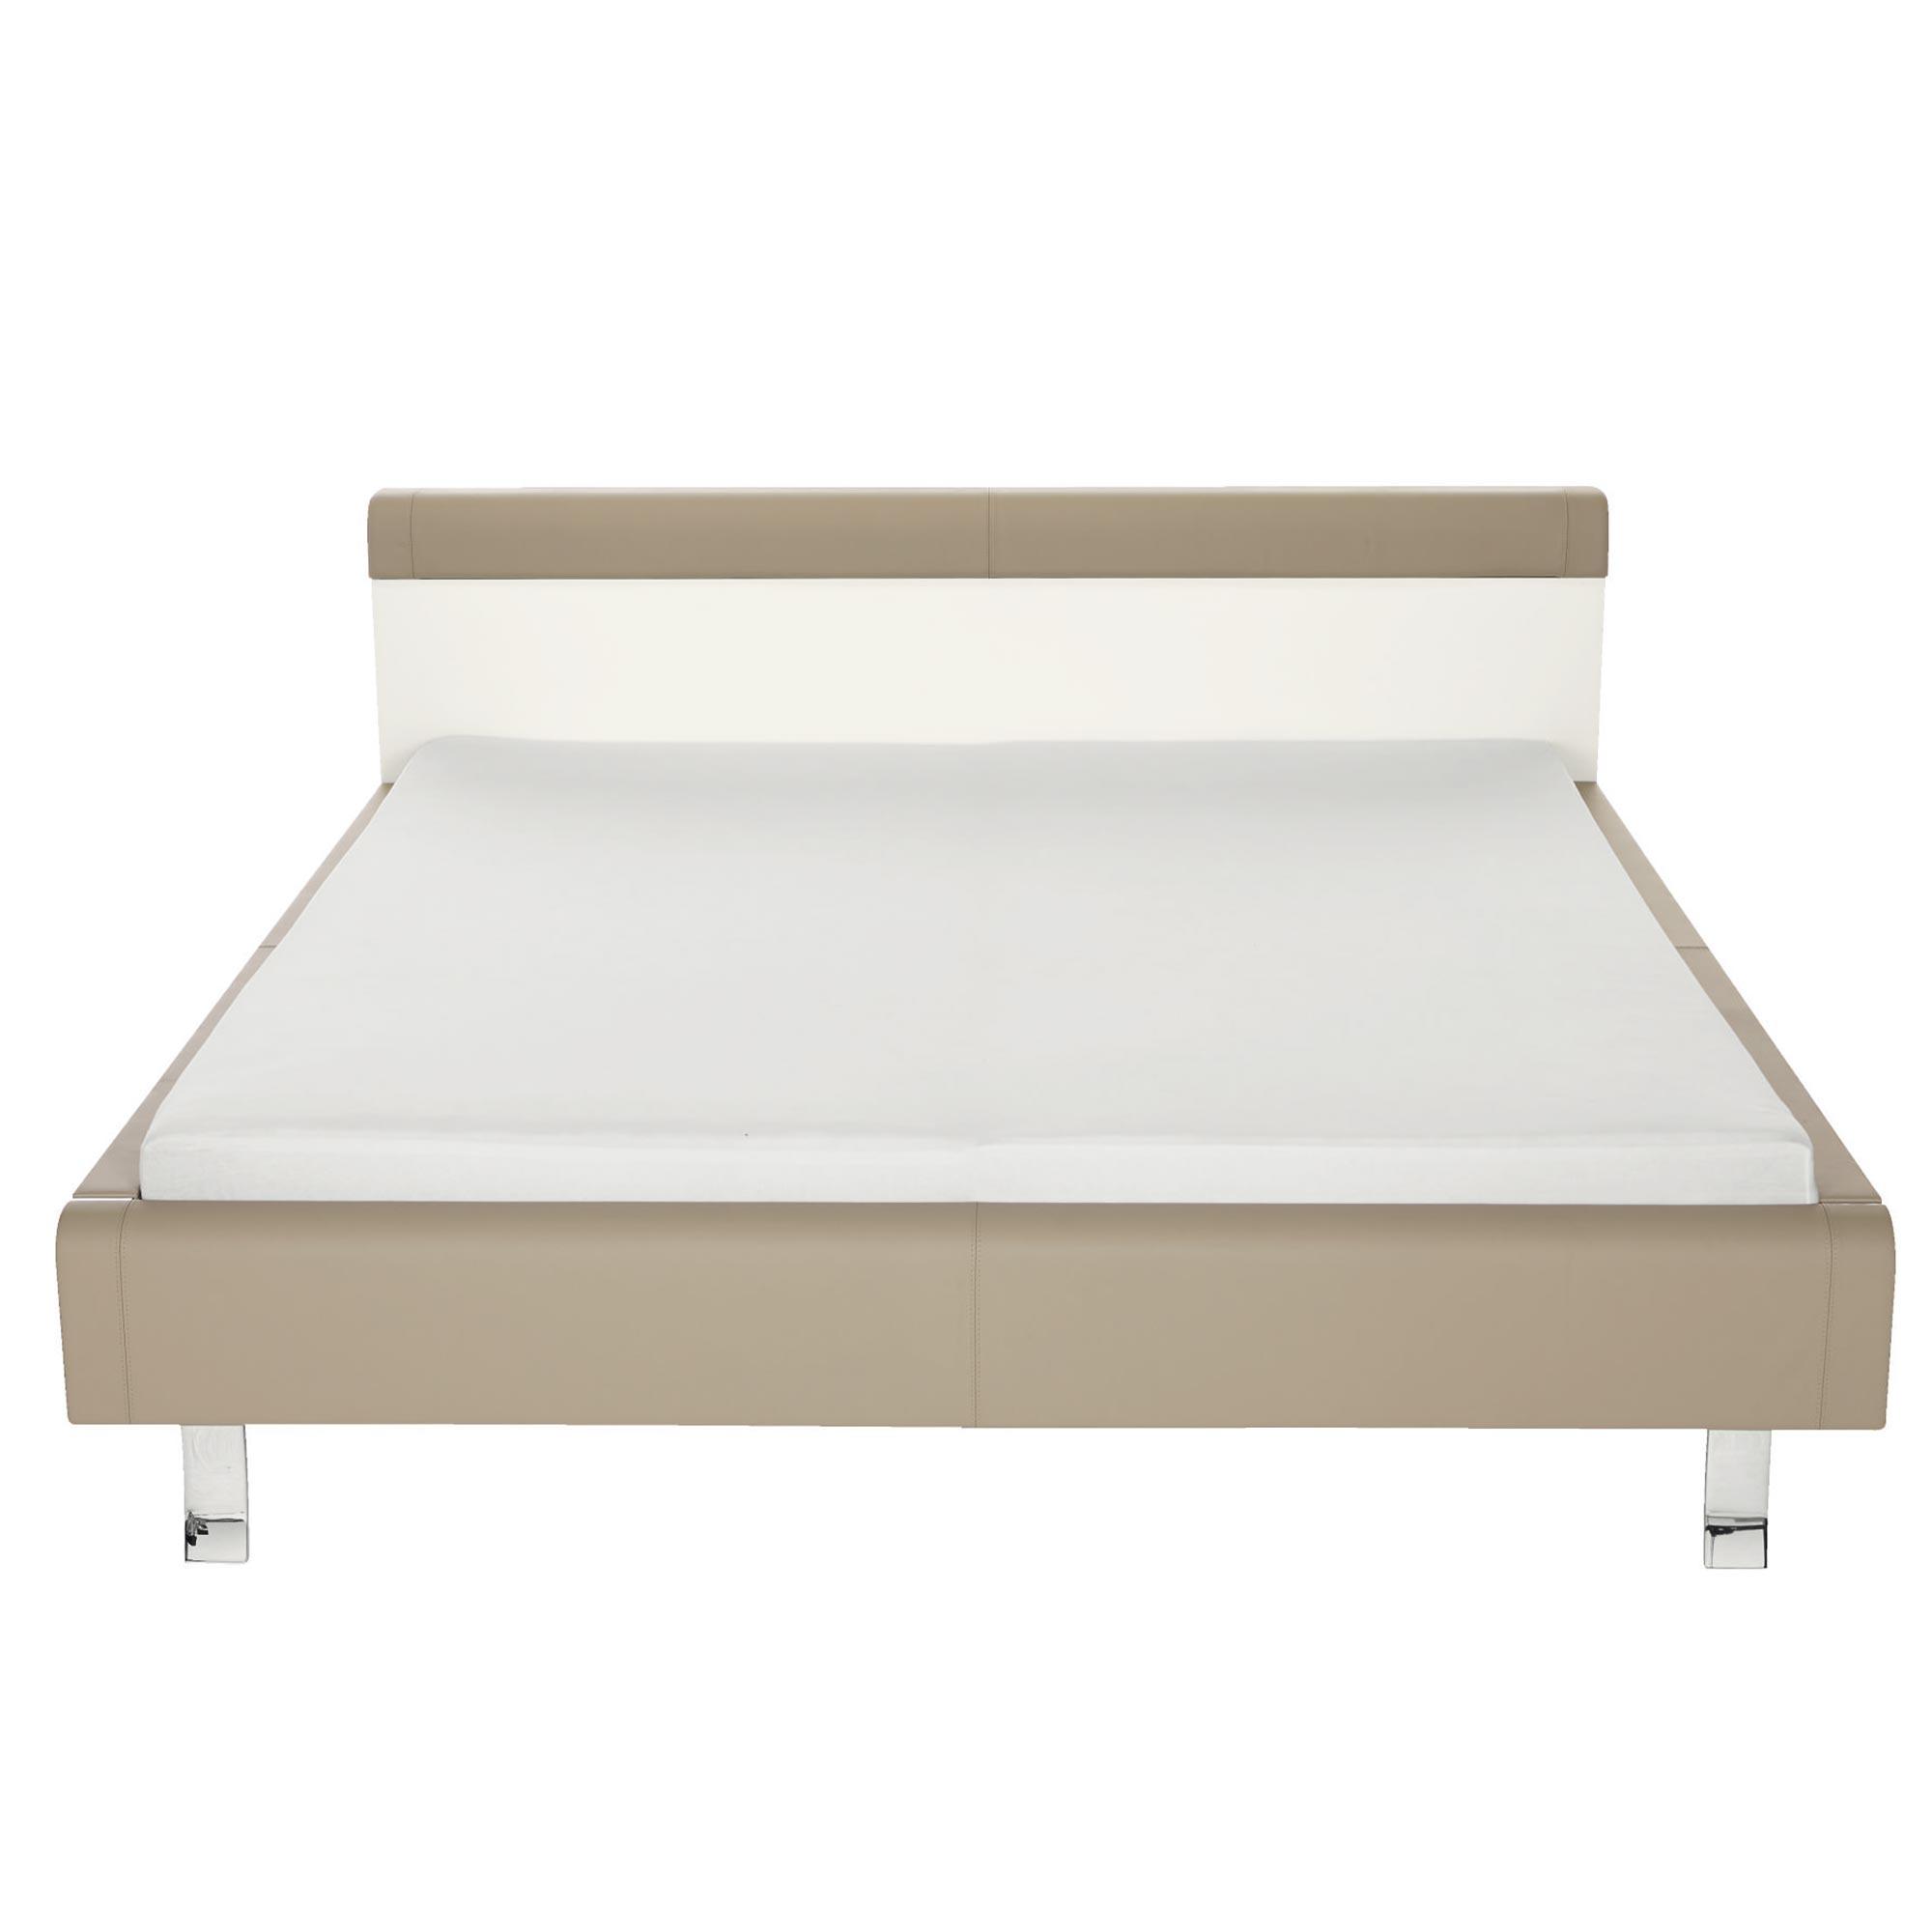 weisses bett mit holz einsatz von h lsta genits m bel b r ag. Black Bedroom Furniture Sets. Home Design Ideas